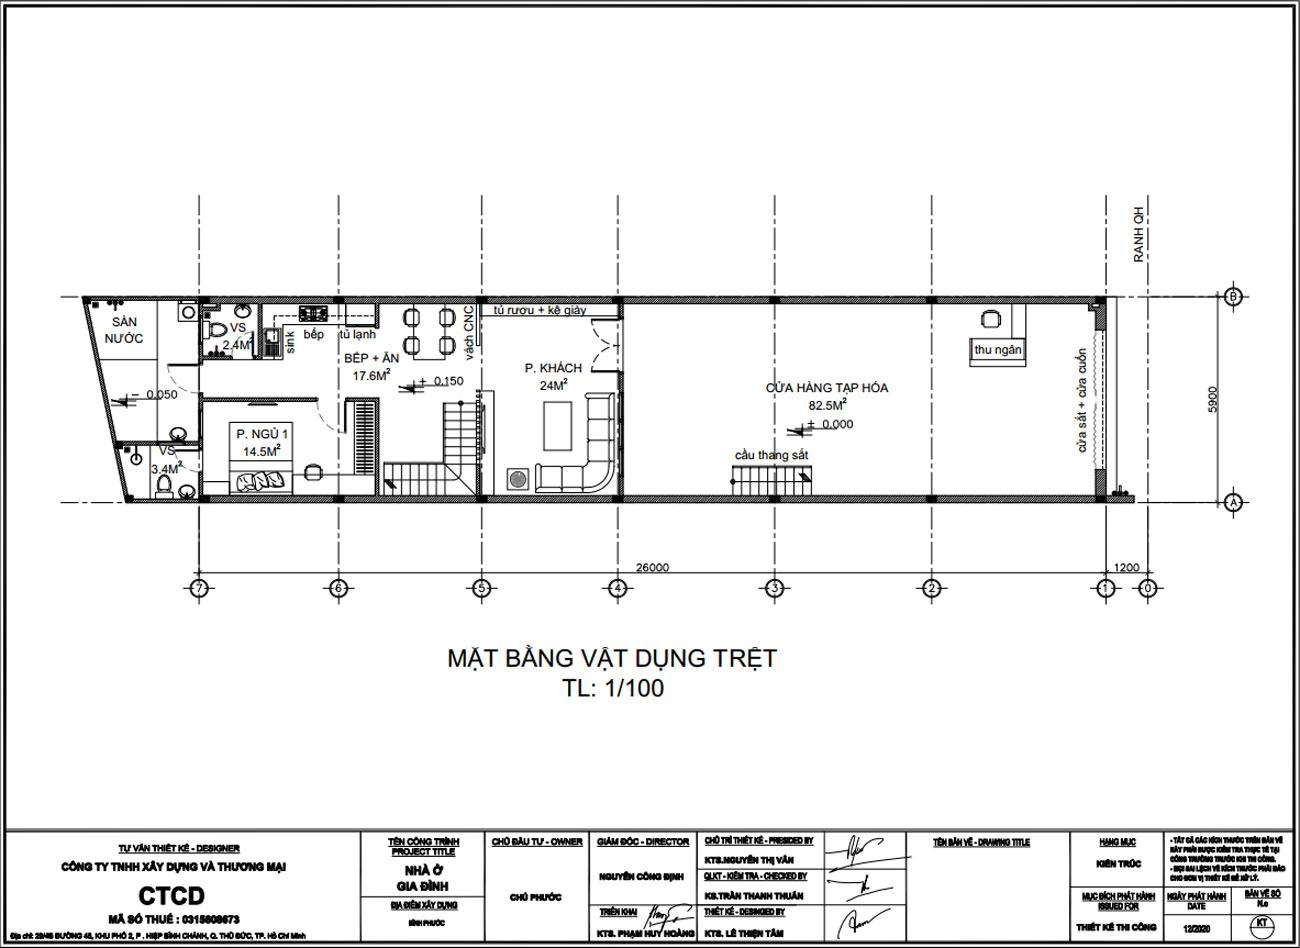 Mặt bằng công năng tầng trệt mẫu nhà phố 3 tầng đẹp hiện đại